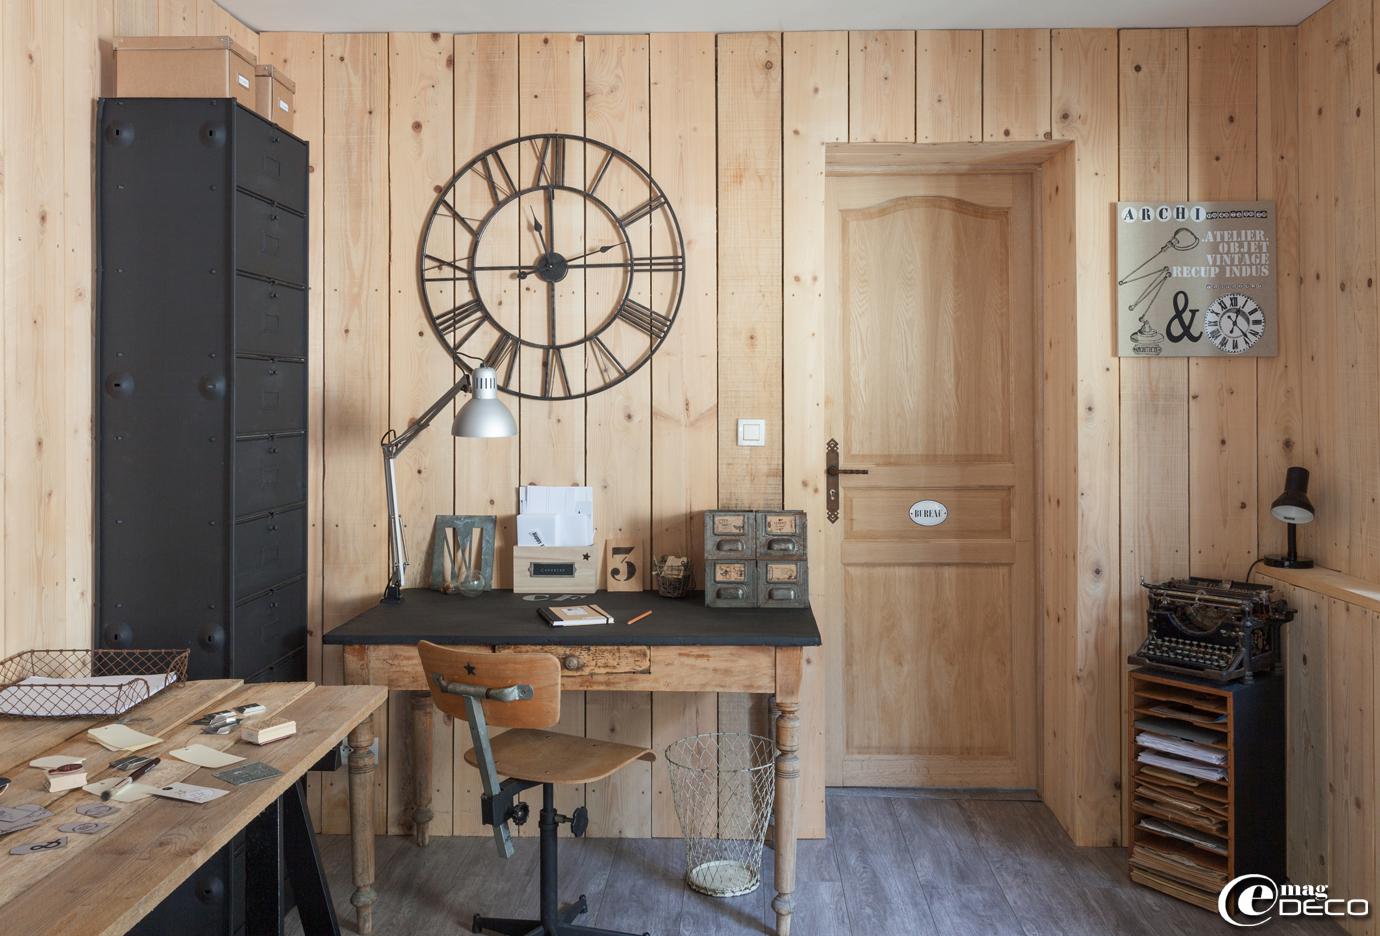 Une Maison De Famille En Picardie ~ E-Magdeco : Magazine De intérieur Le Bon Coin Meubles D'Occasion En Picardie